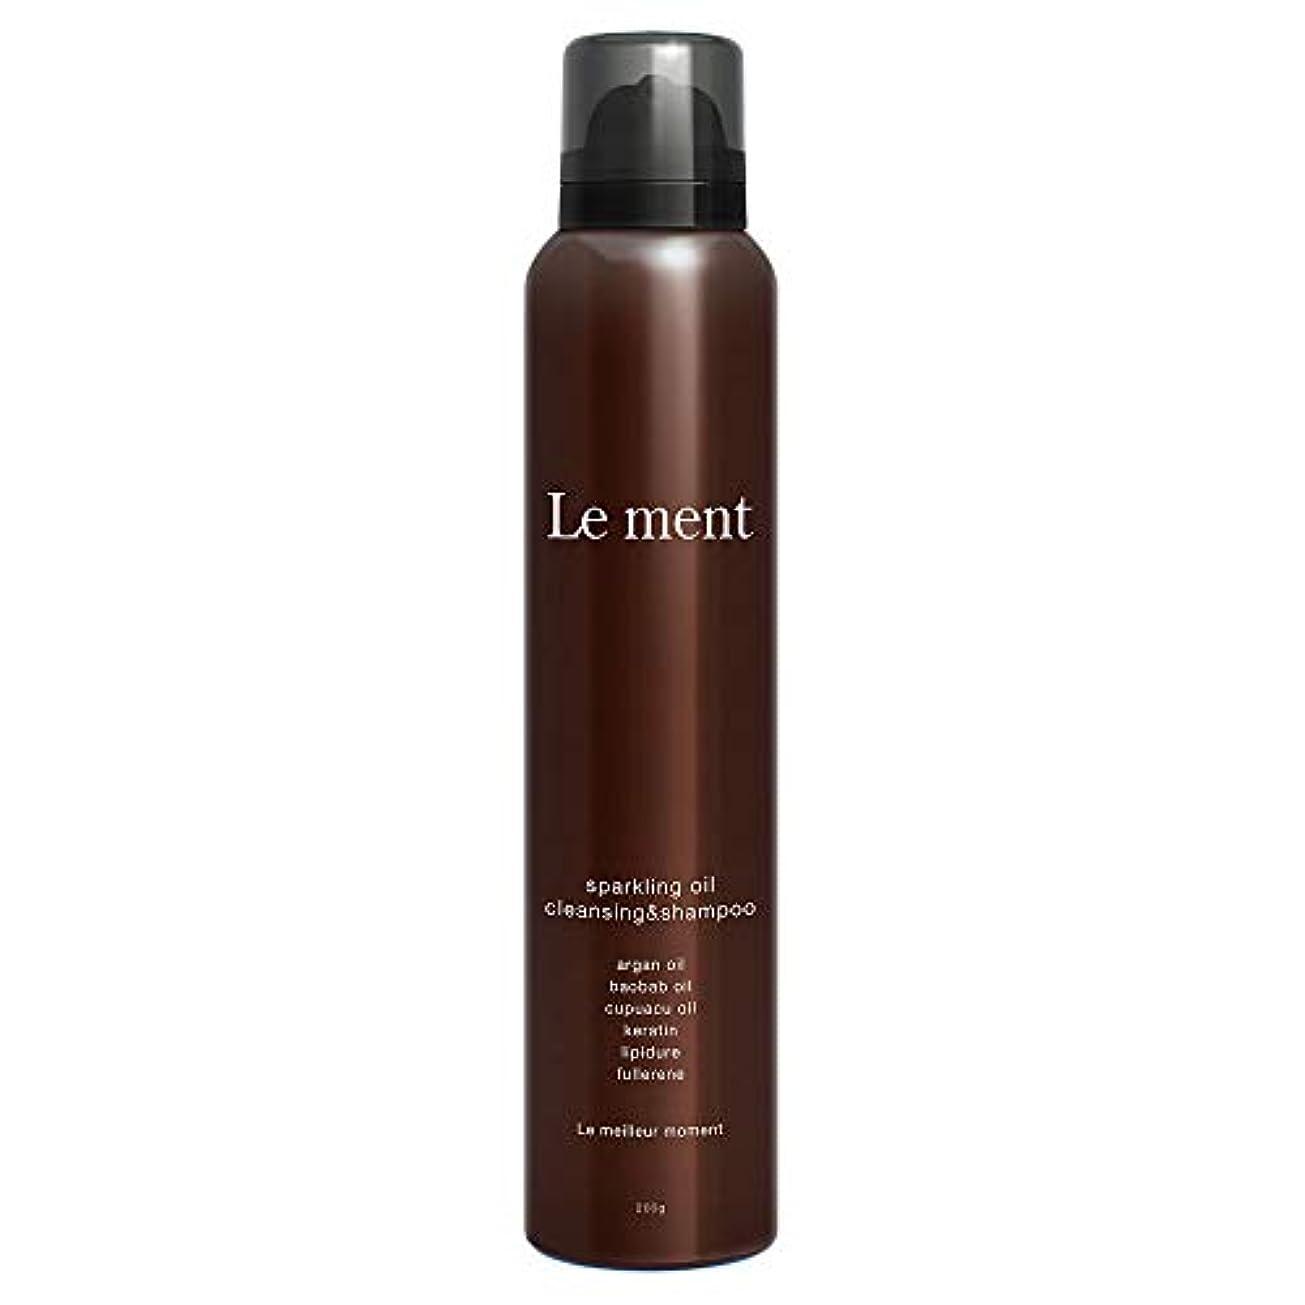 誠実中国開示するLe ment -sparkling oil cleansing & shampoo -